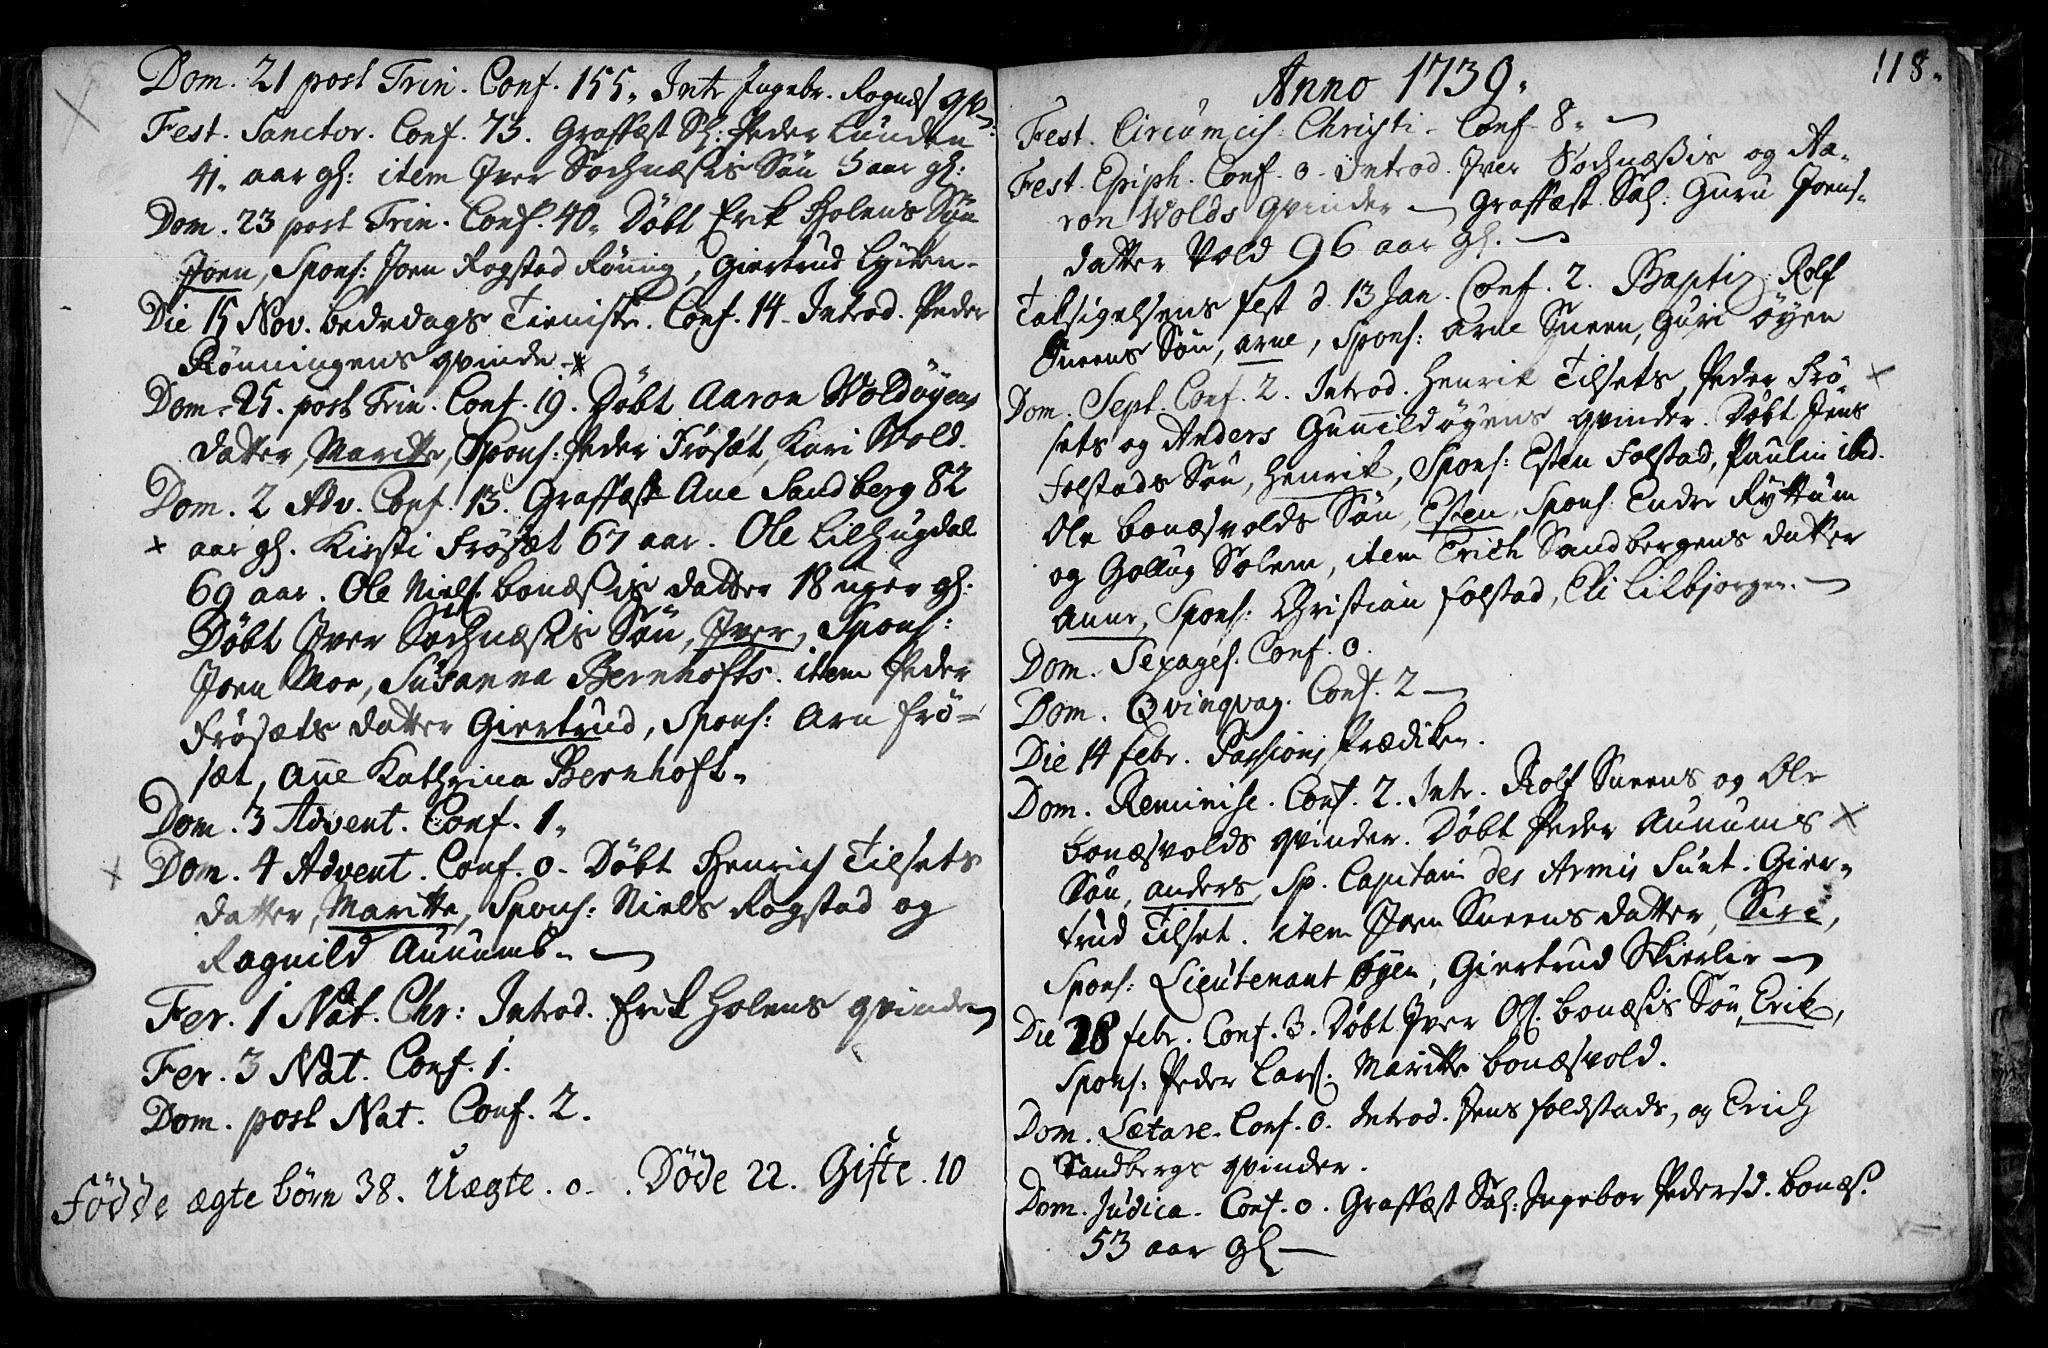 SAT, Ministerialprotokoller, klokkerbøker og fødselsregistre - Sør-Trøndelag, 687/L0990: Ministerialbok nr. 687A01, 1690-1746, s. 118